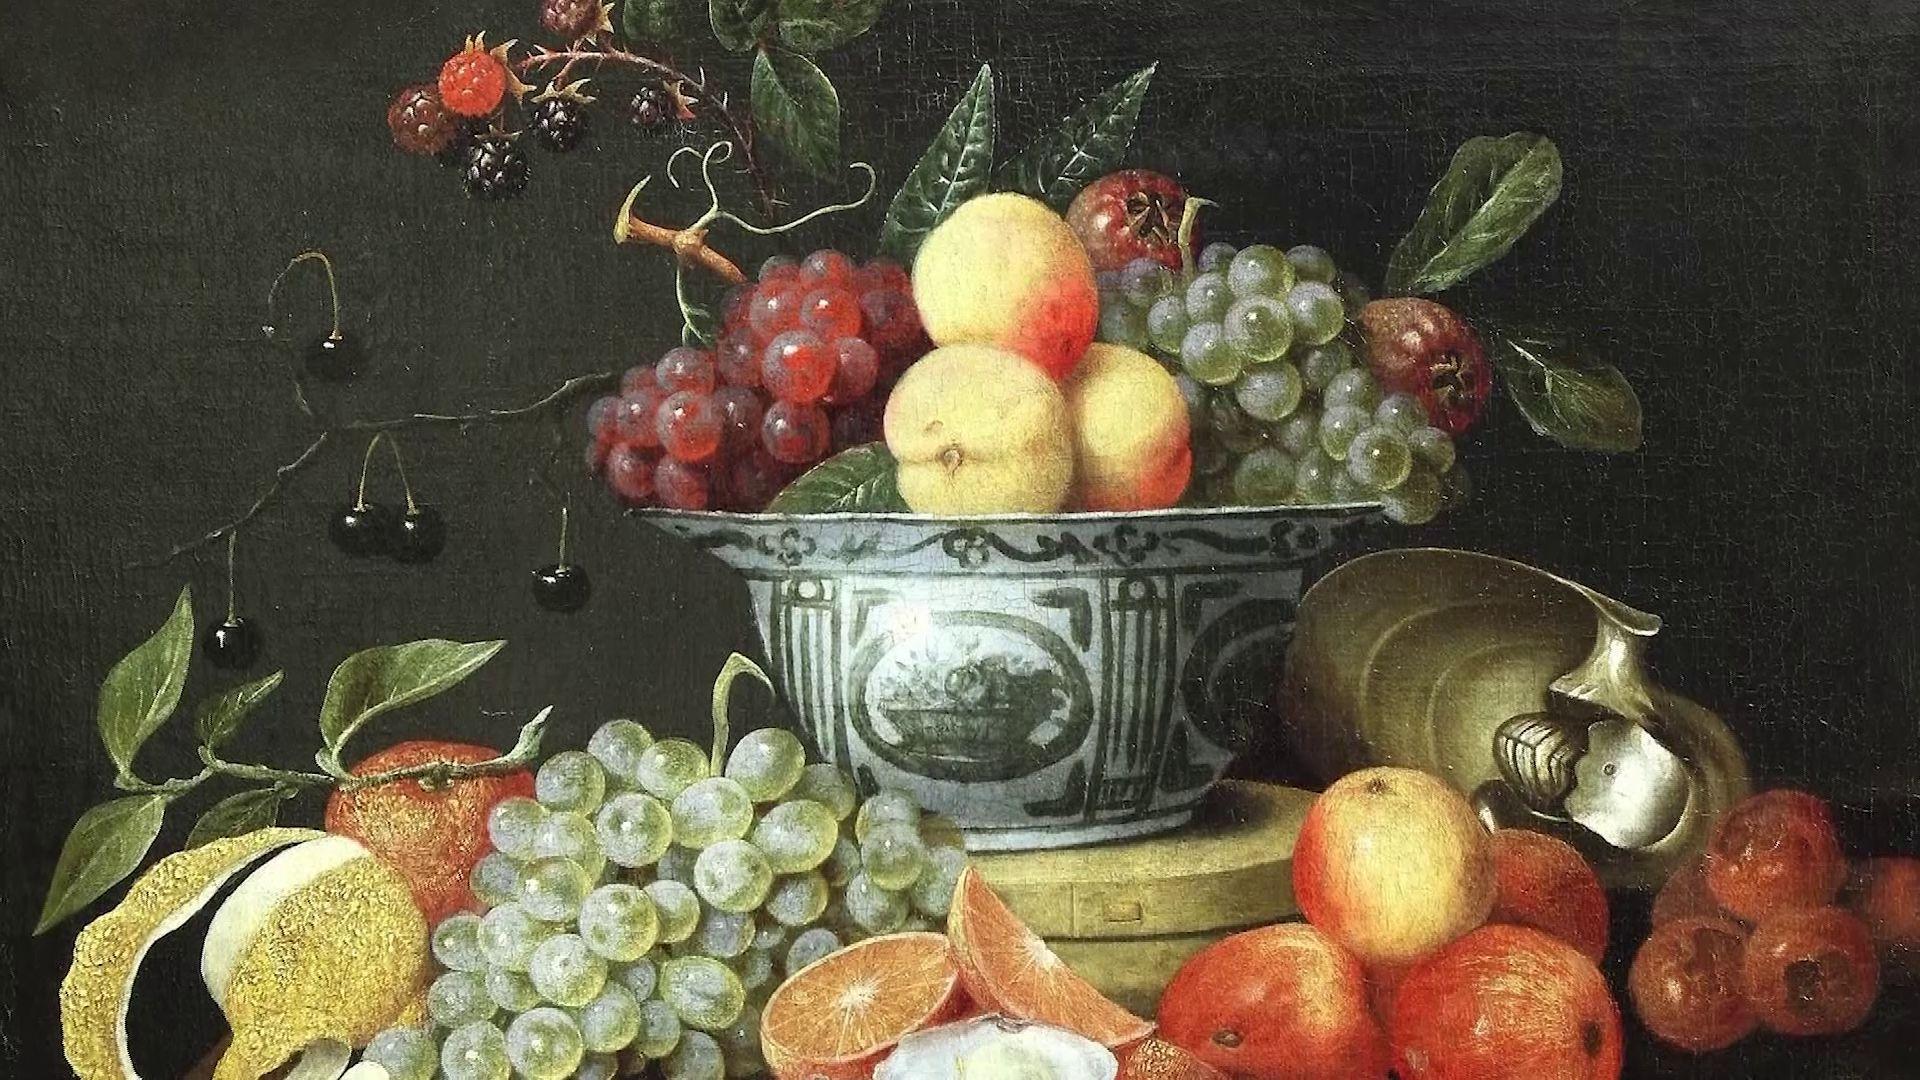 Утреннее шоу «Овсянка» от 22.10.20: узнаем историю нидерландского искусства и создаем брошь